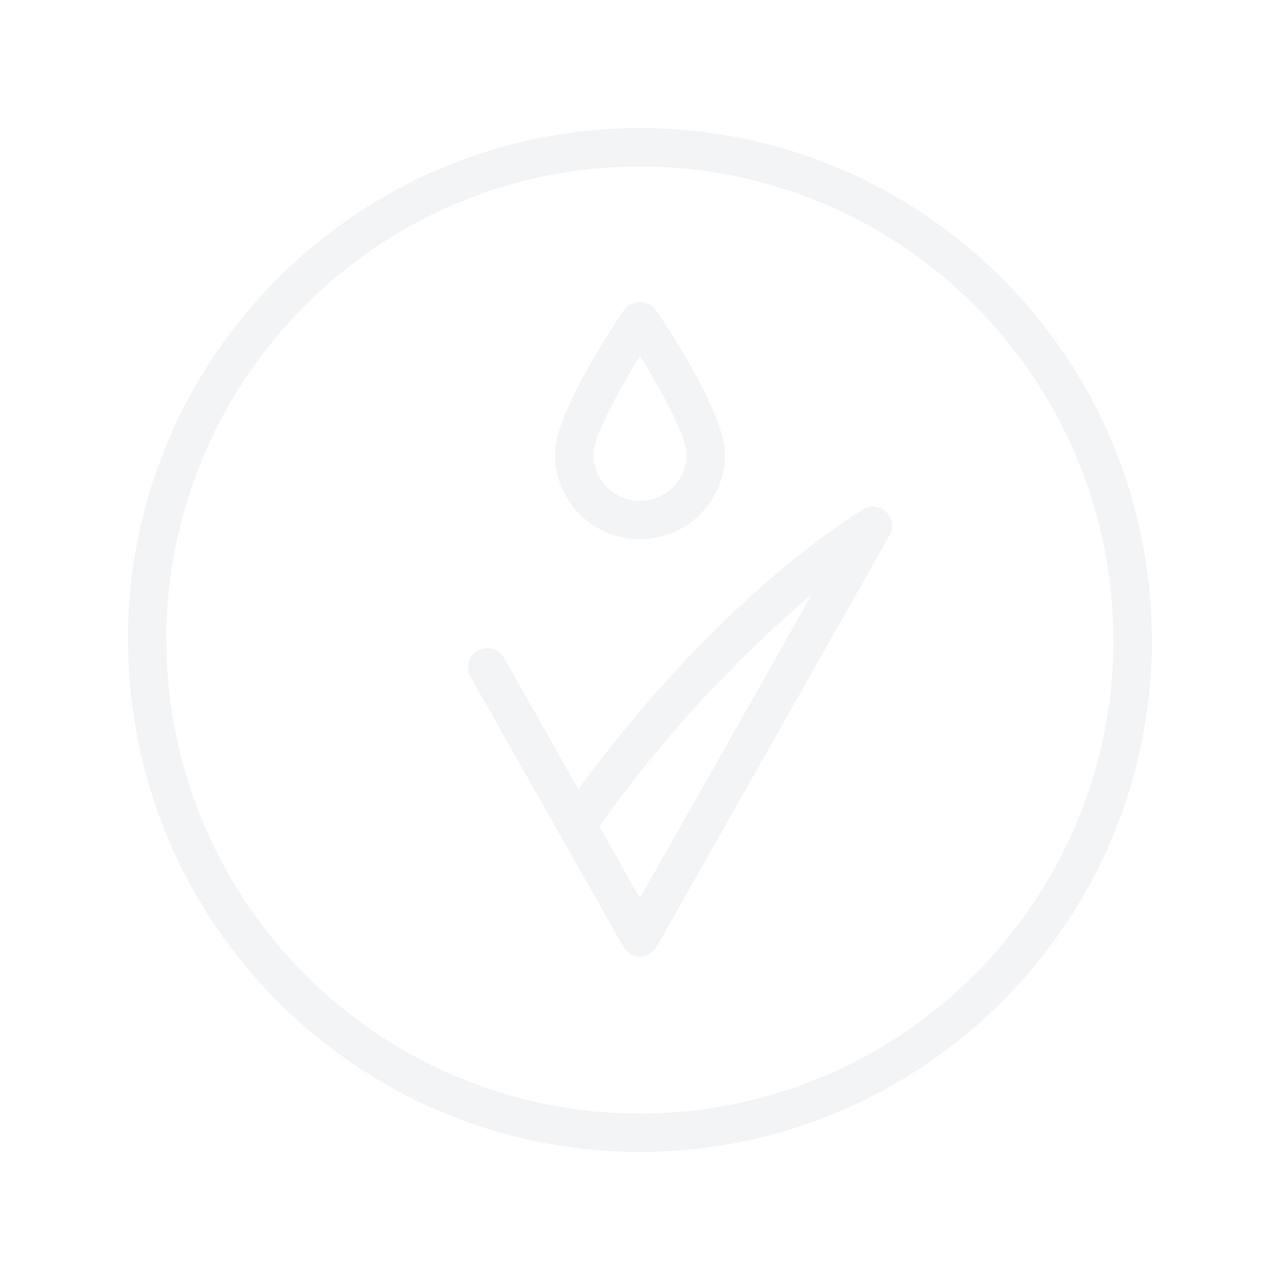 GLO SKIN BEAUTY Eyeshadow Palette 7.6g